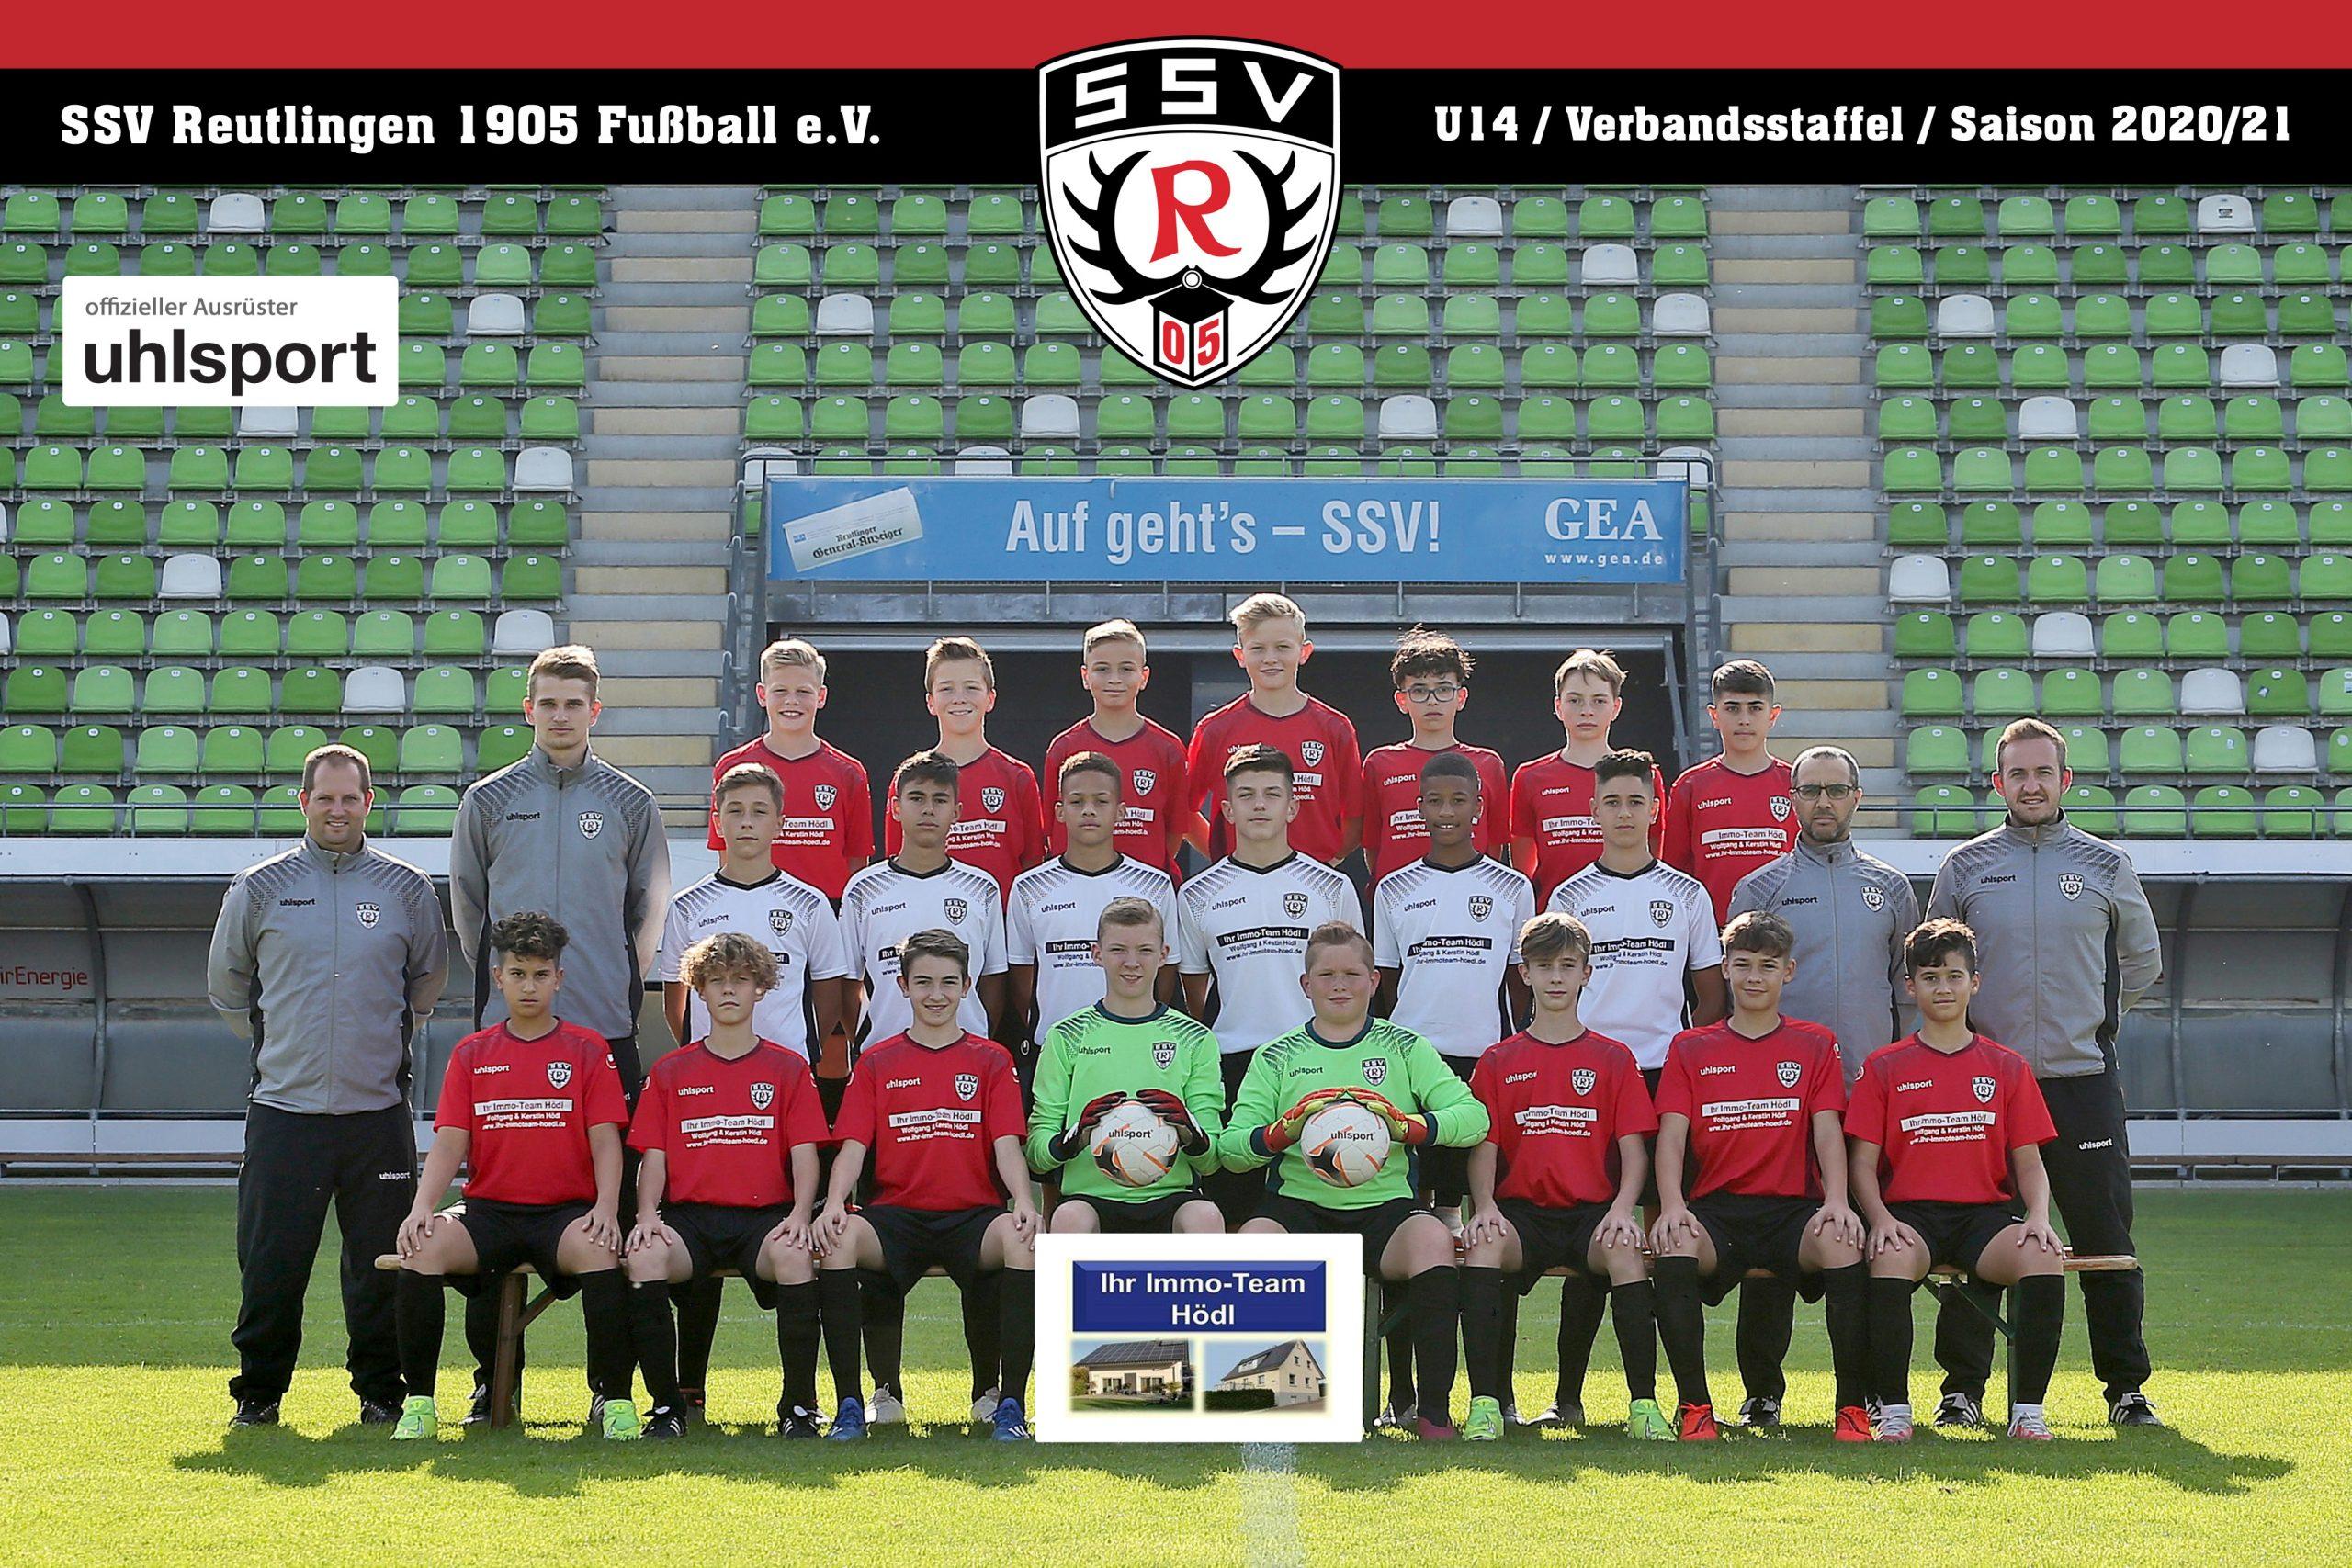 Fussball | SSV Reutlingen / Mannschaft U14 - Saison 2020/21